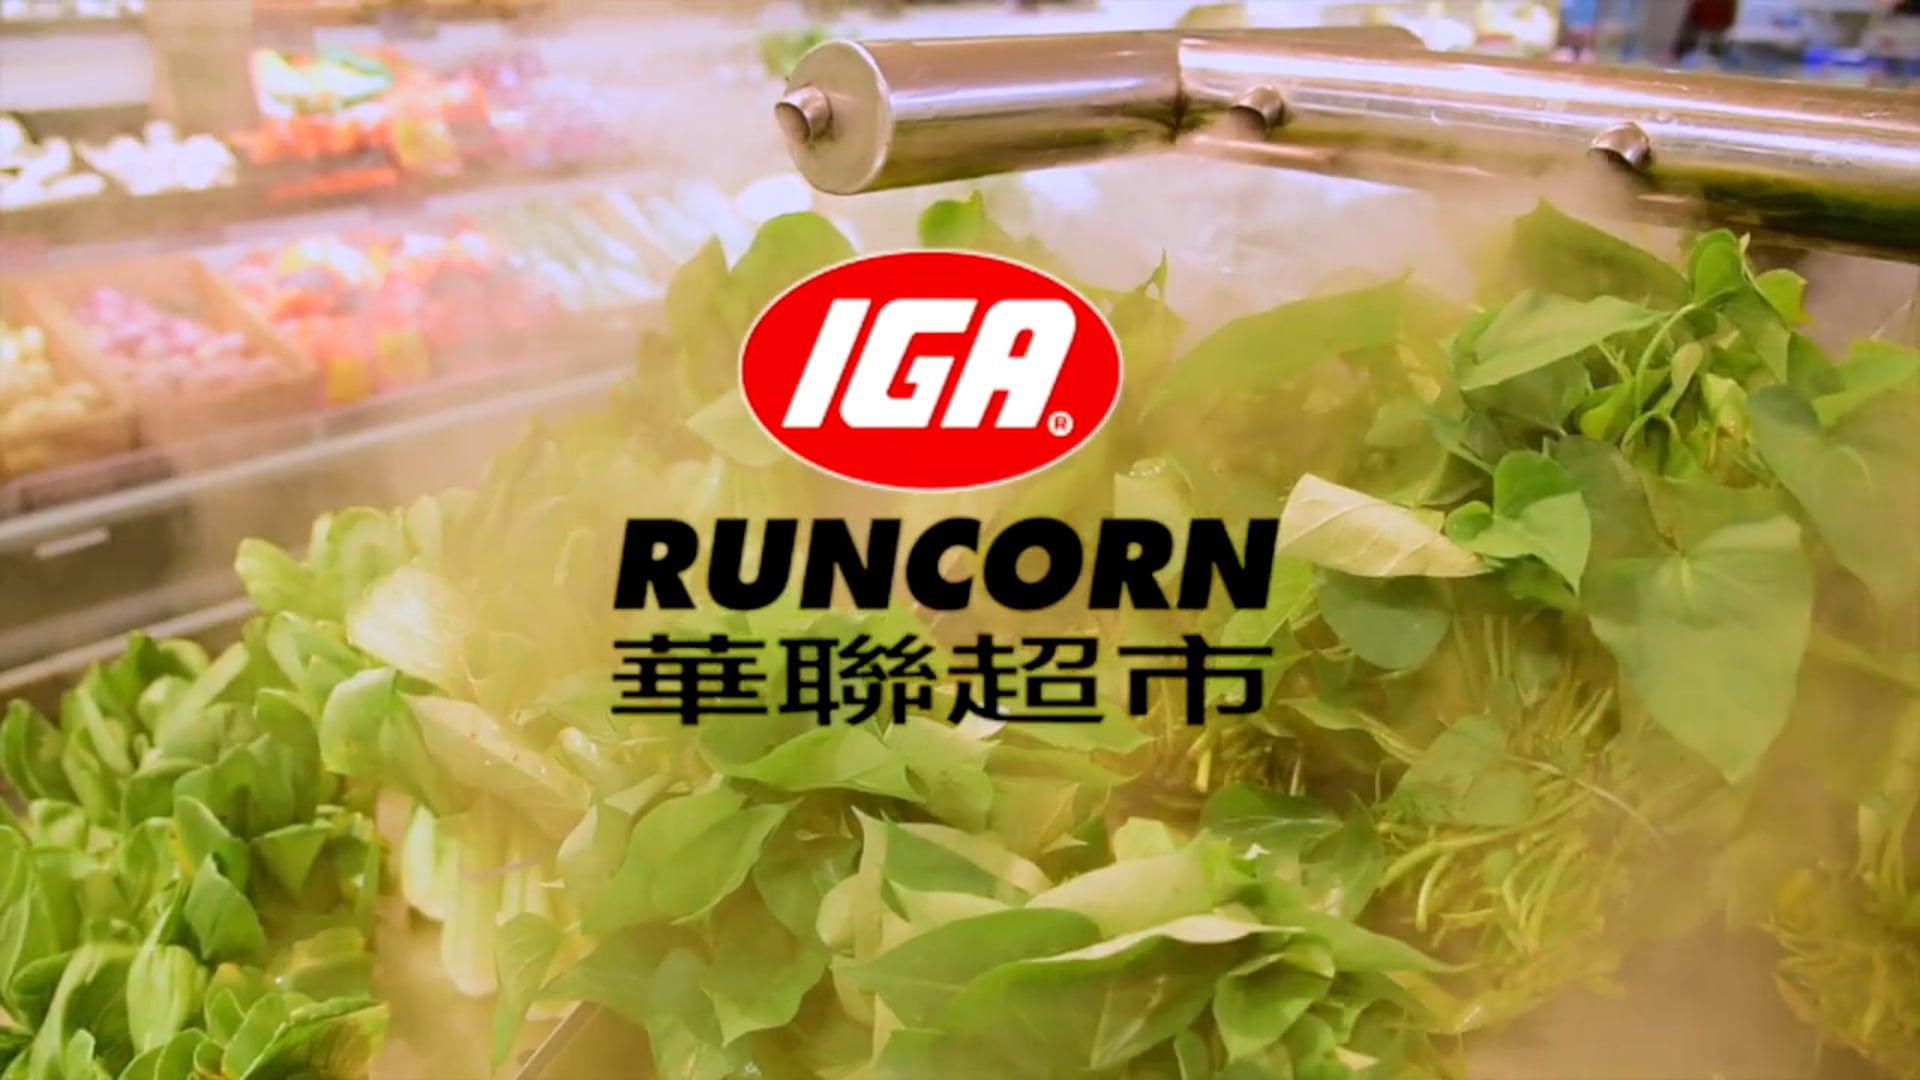 IGA Runcorn Social Media Ad